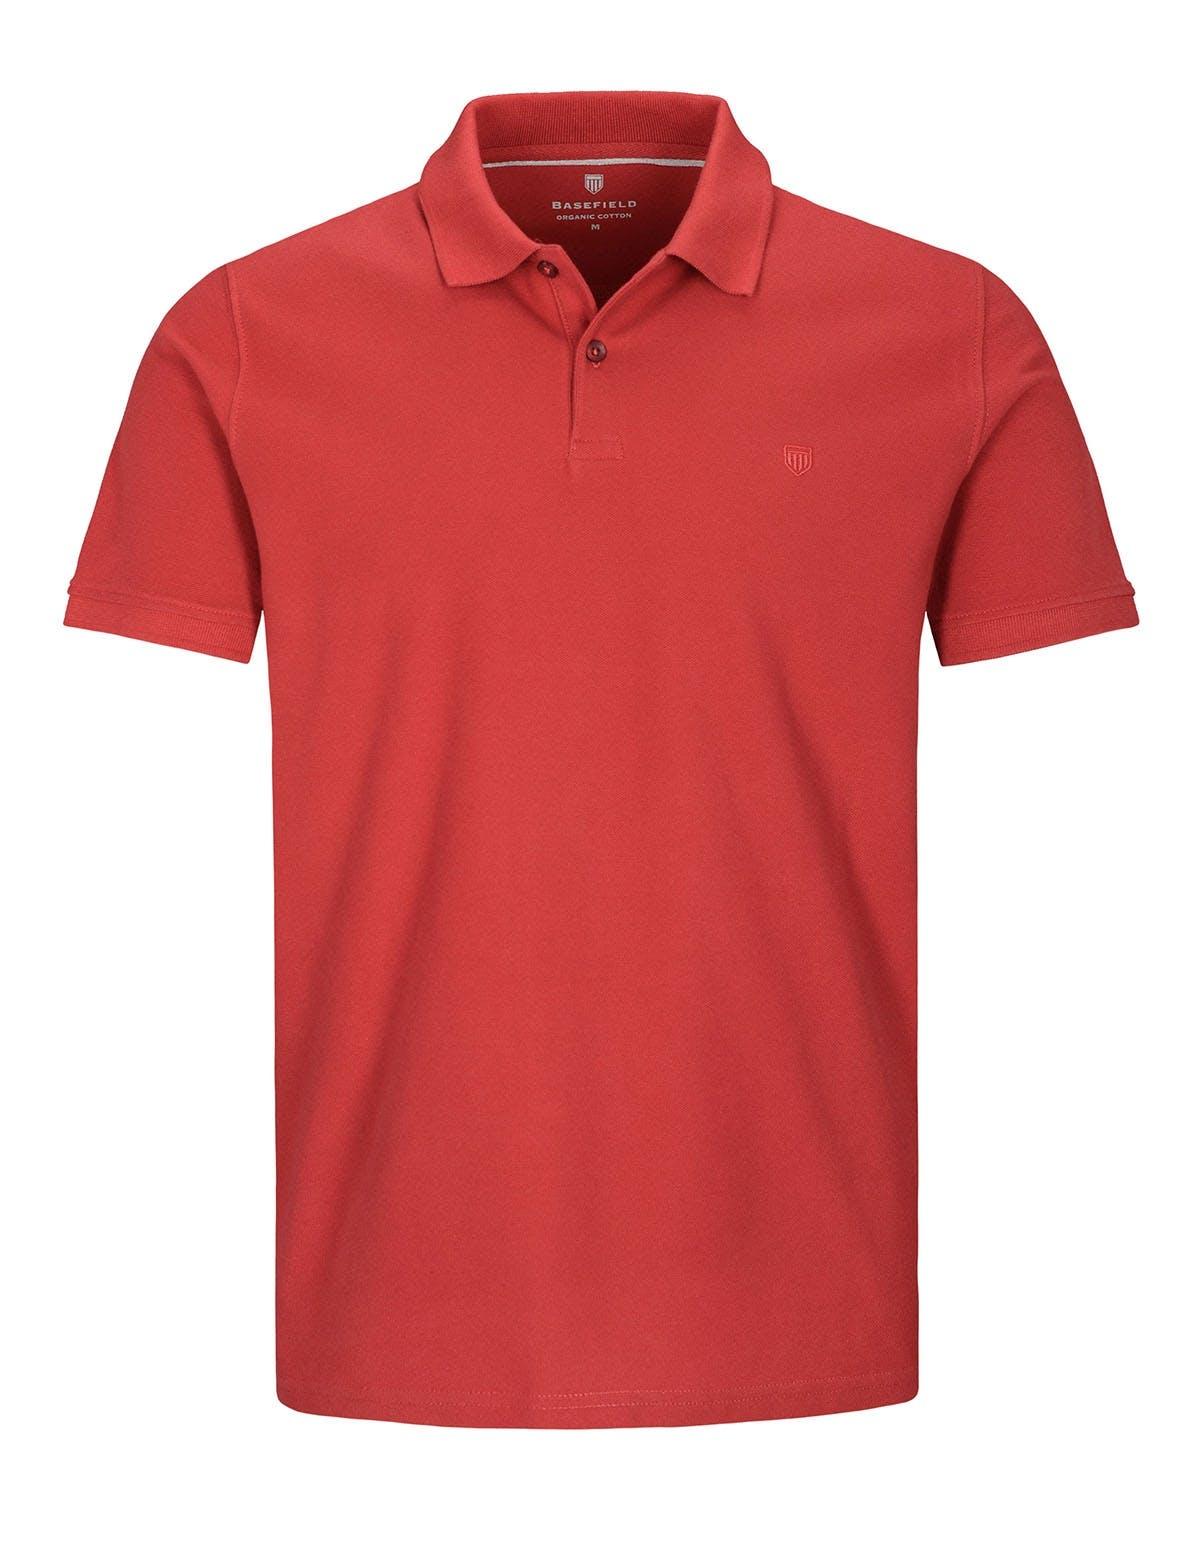 ORGANIC COTTON Polo Pique - Red